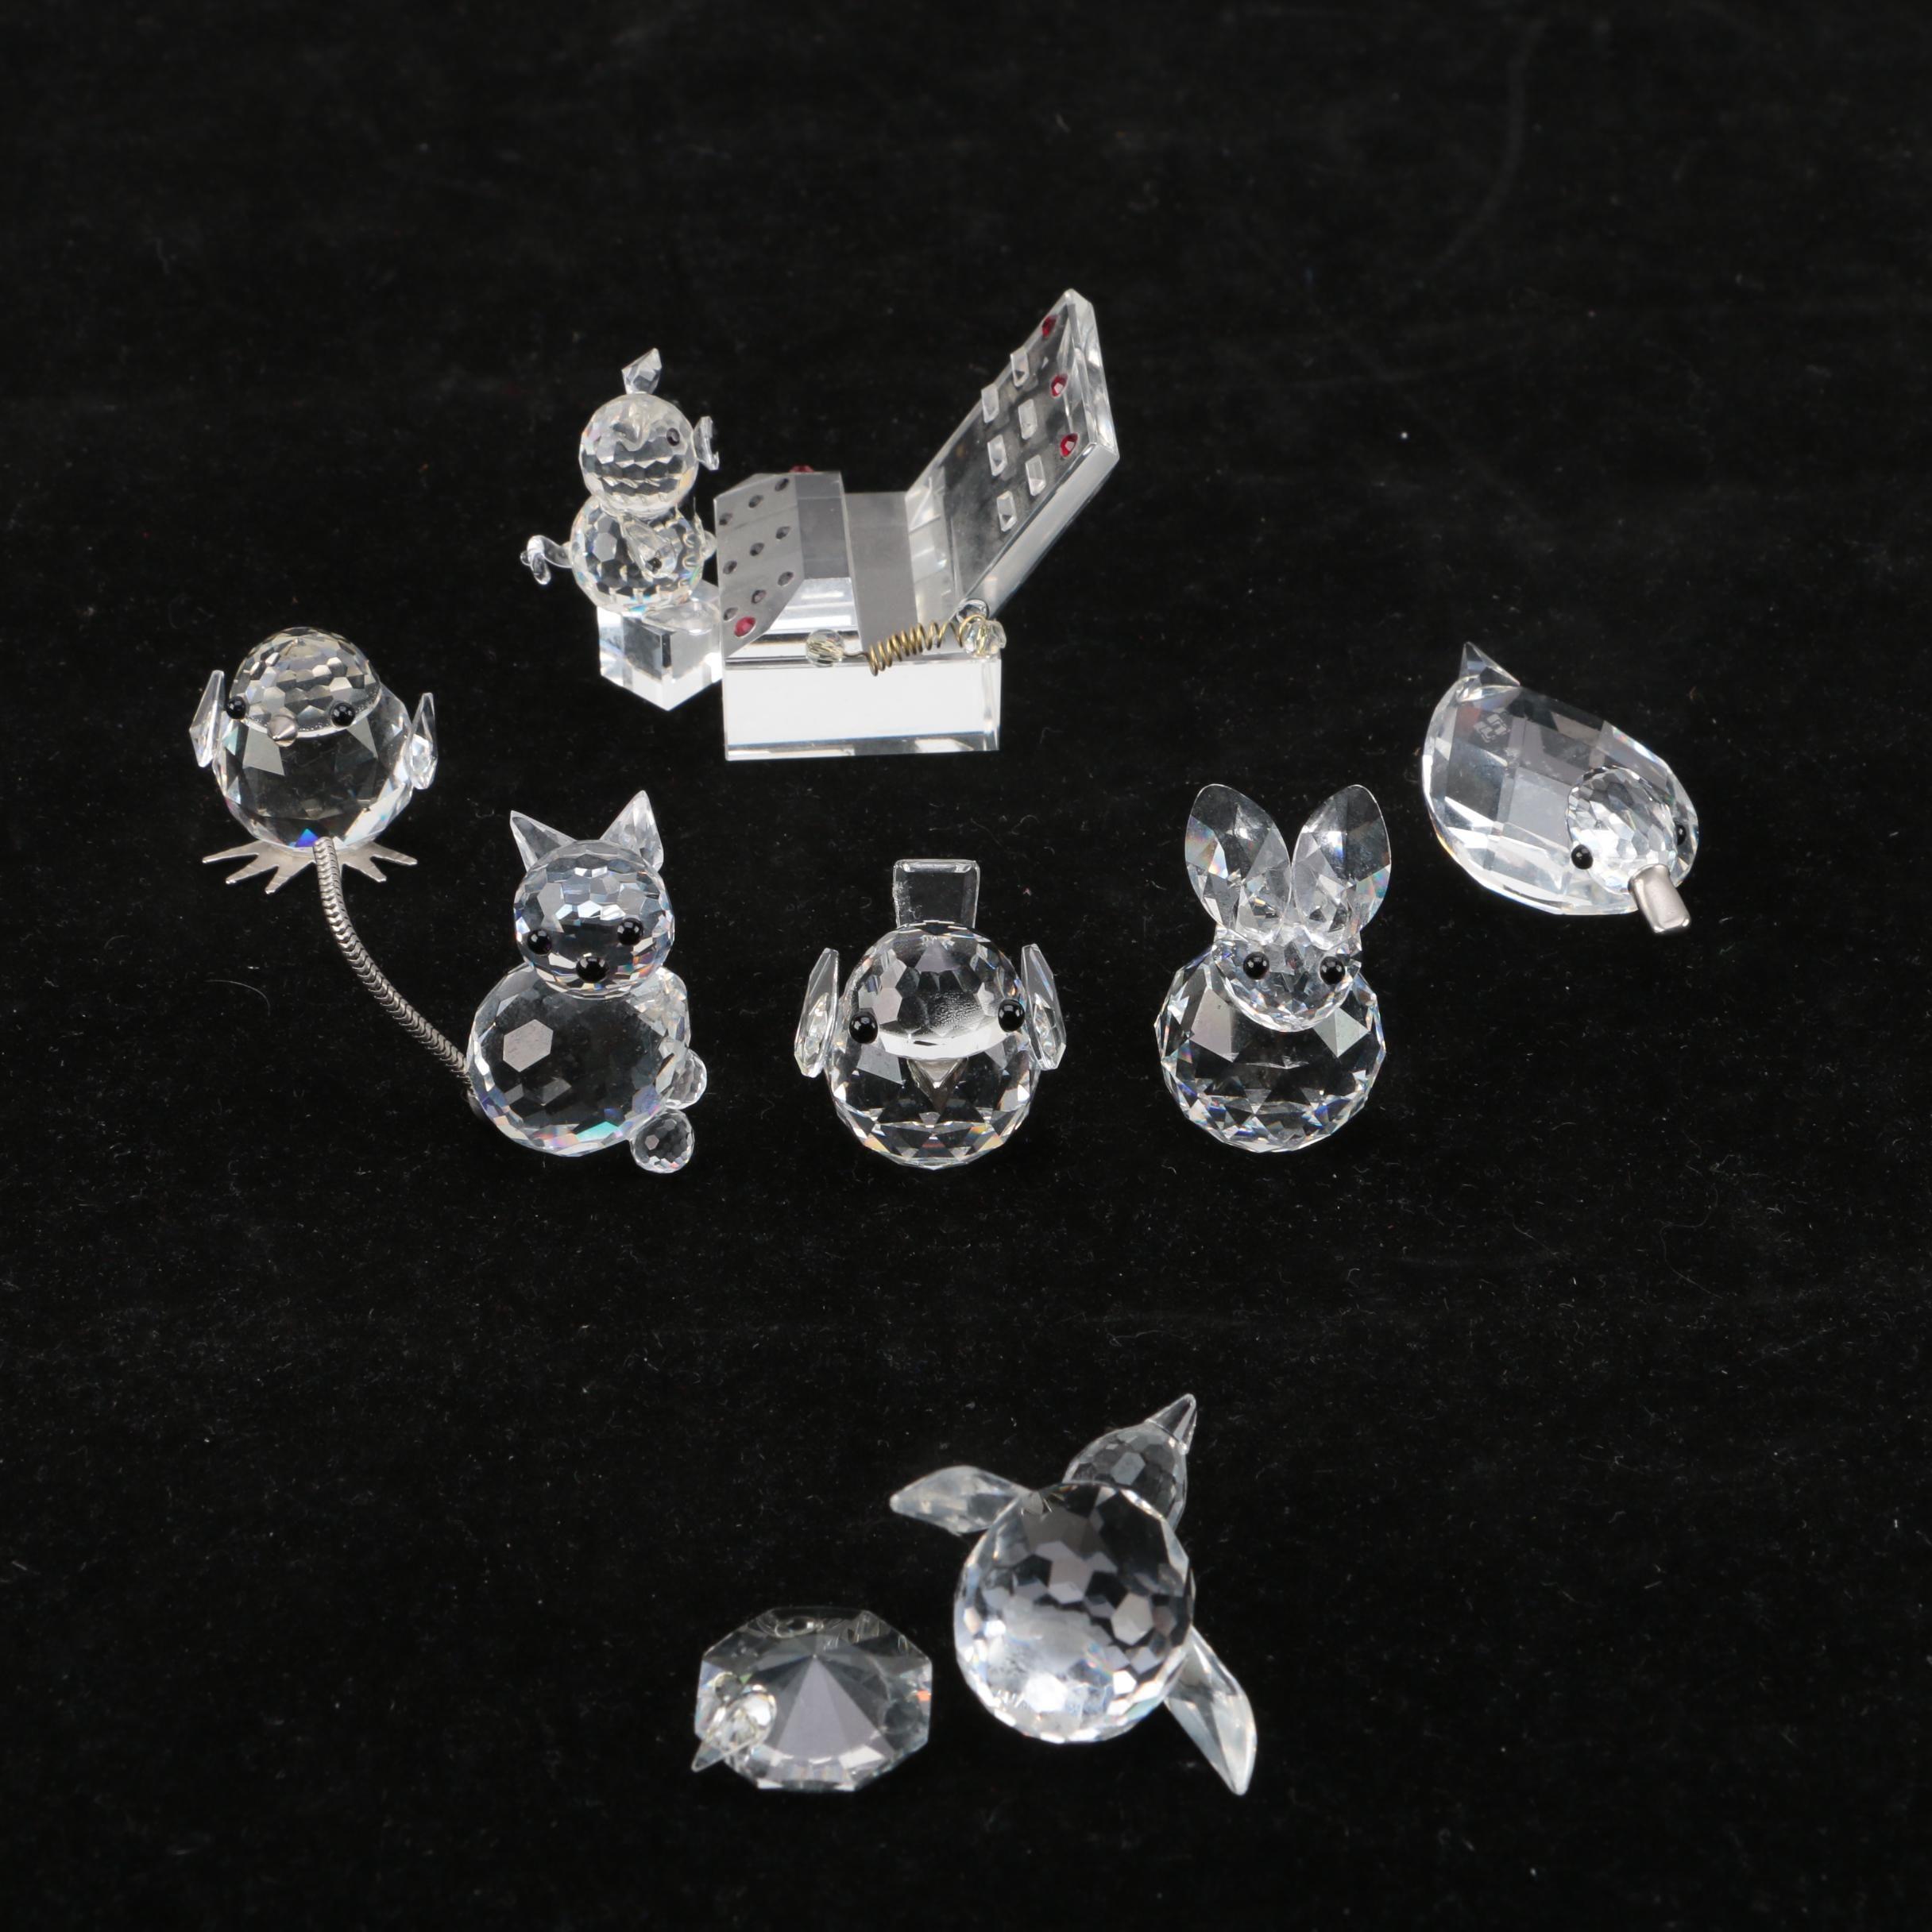 Vintage Swarovski Crystal Animal Figurines